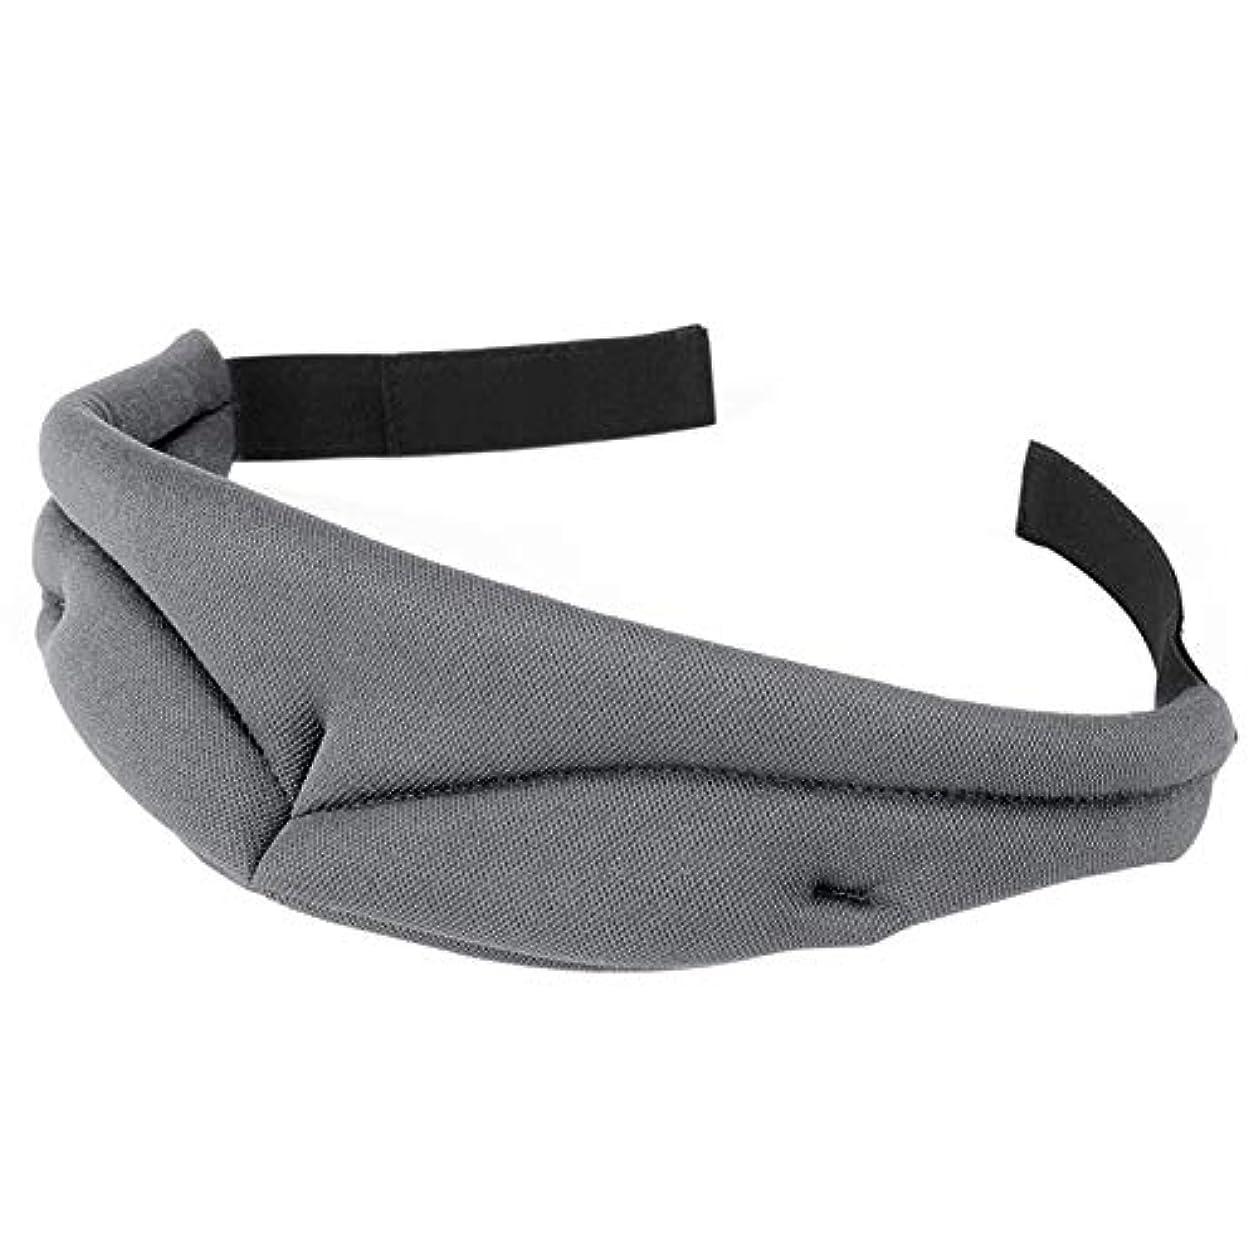 嵐が丘フルーツ逮捕NOTE アイケアスリープマスク3D超ソフトスリーピングアイマスク目隠しシェードアイシェード新しいアイカバースリーピングマスクトラベルエッセンシャル